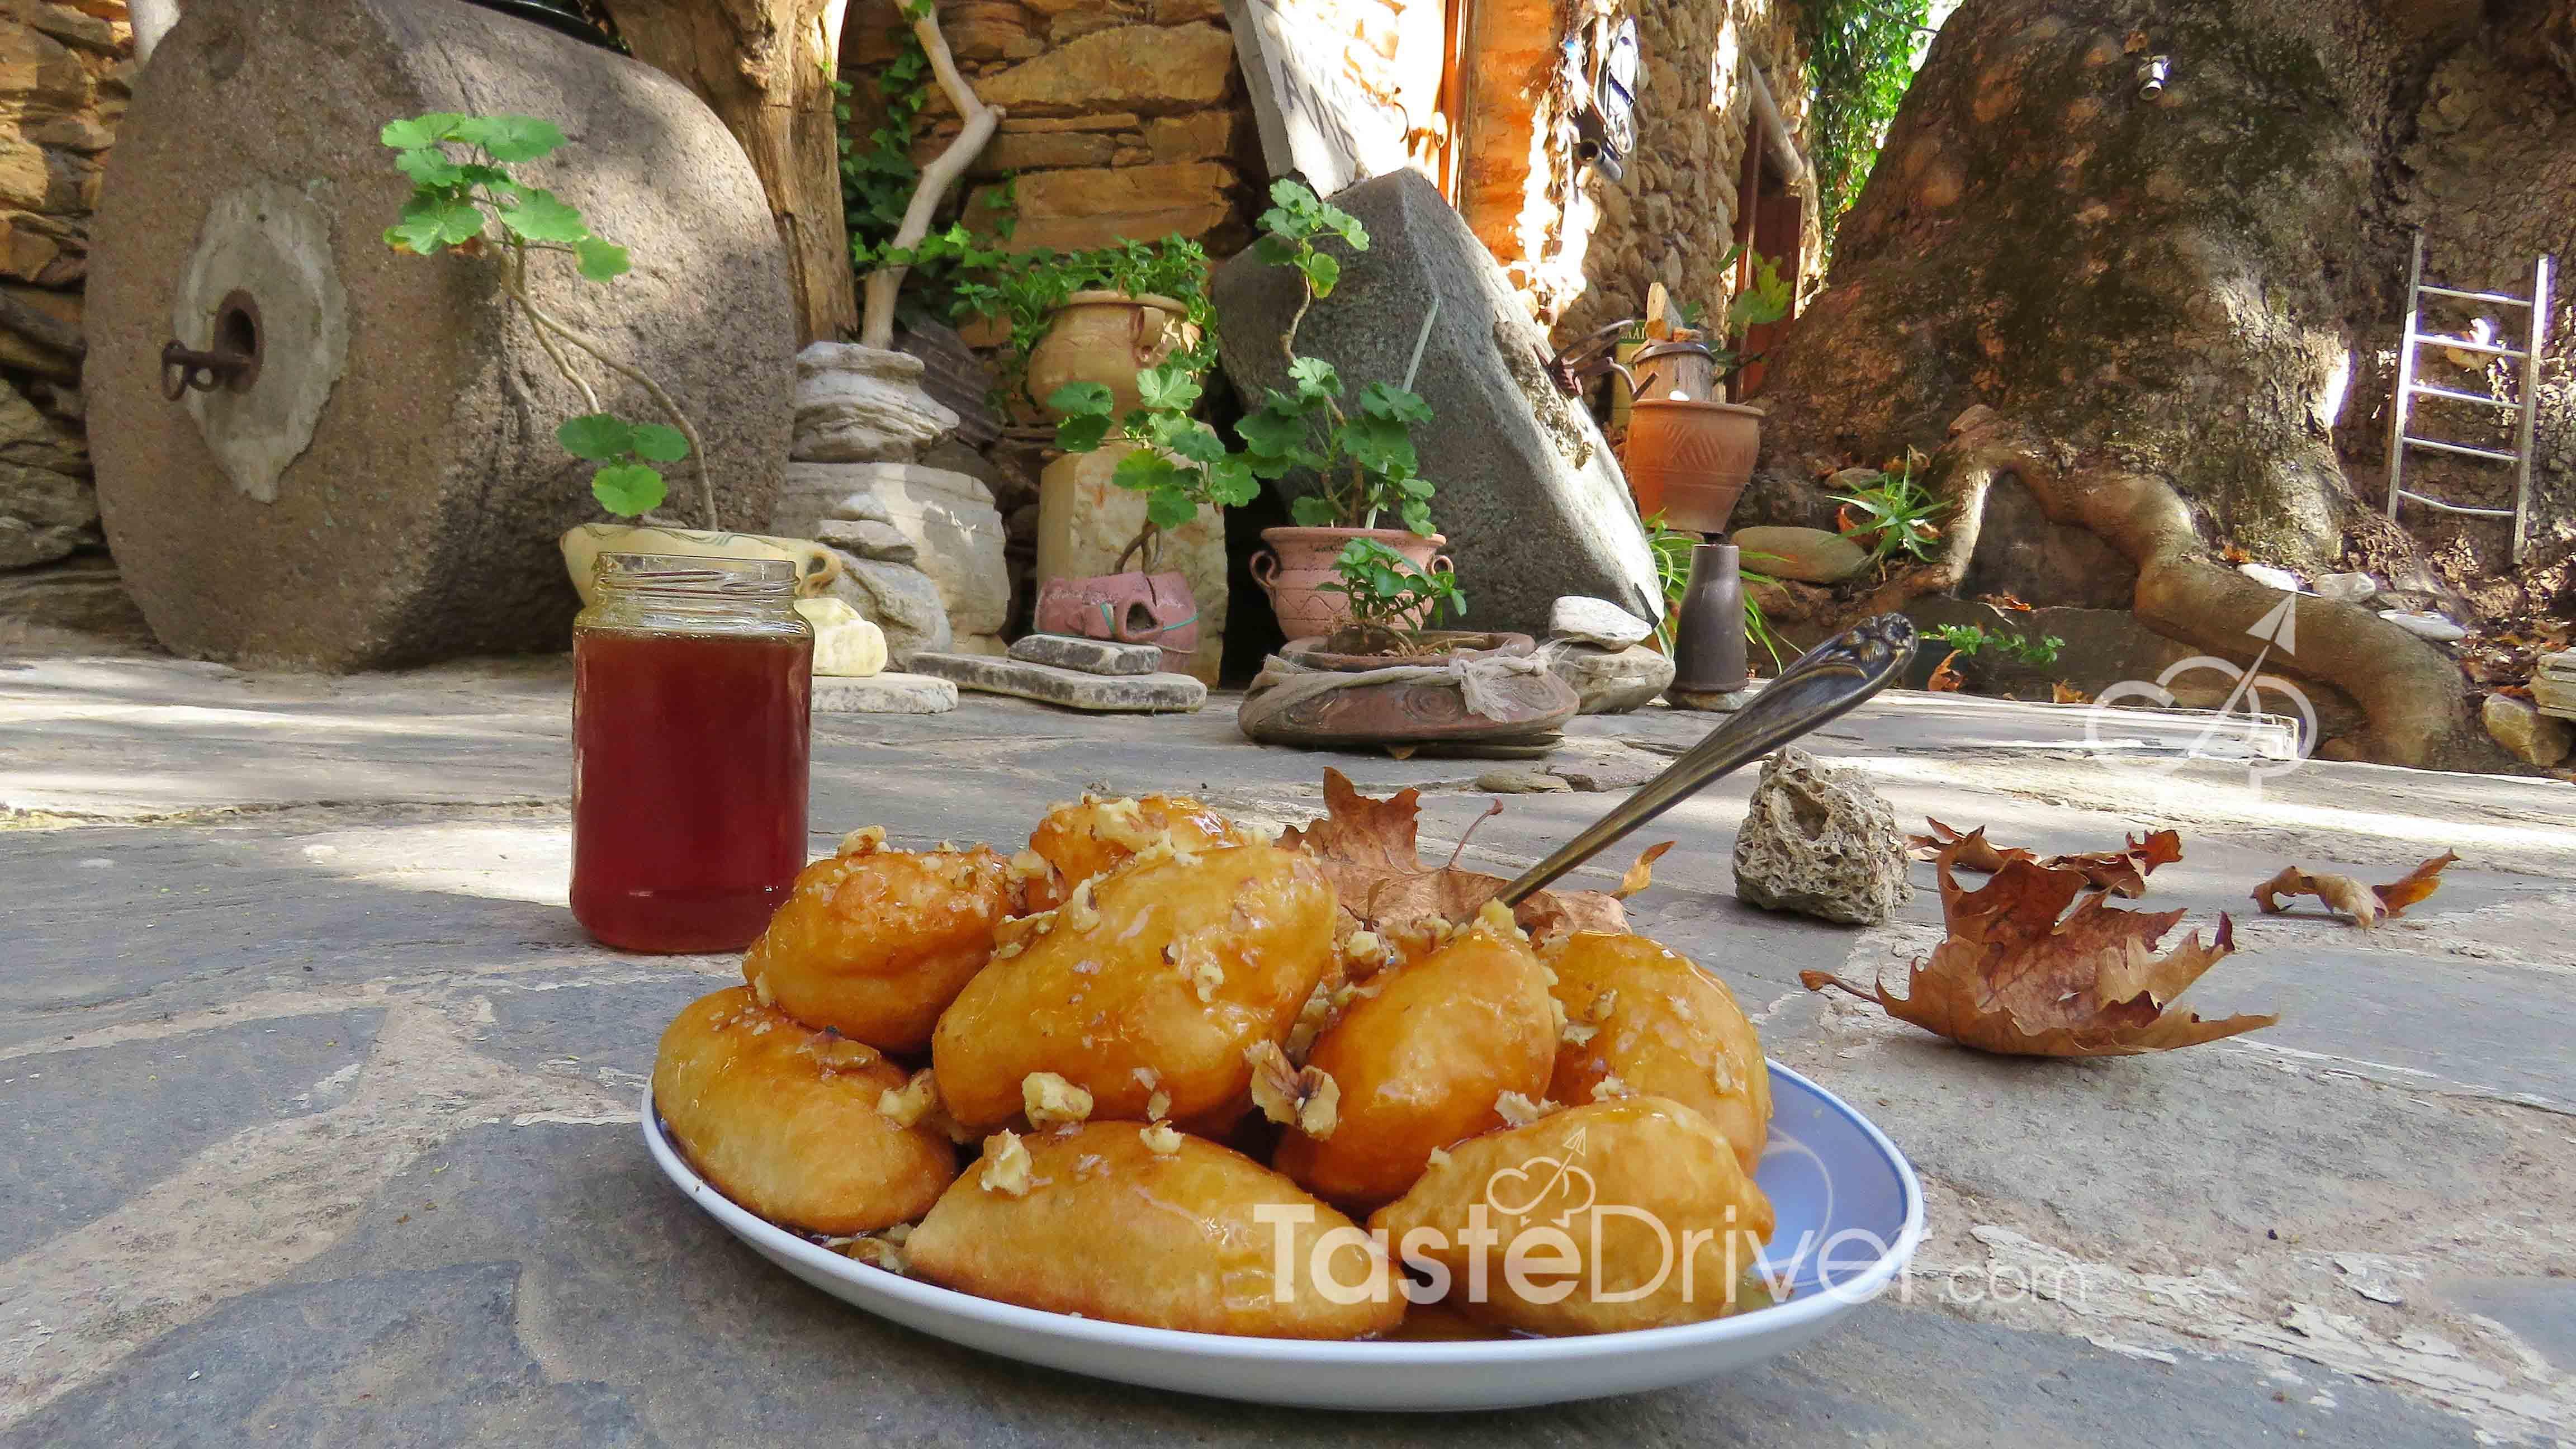 λουκουμαδοτηγανίτες, μέλι, κανέλα